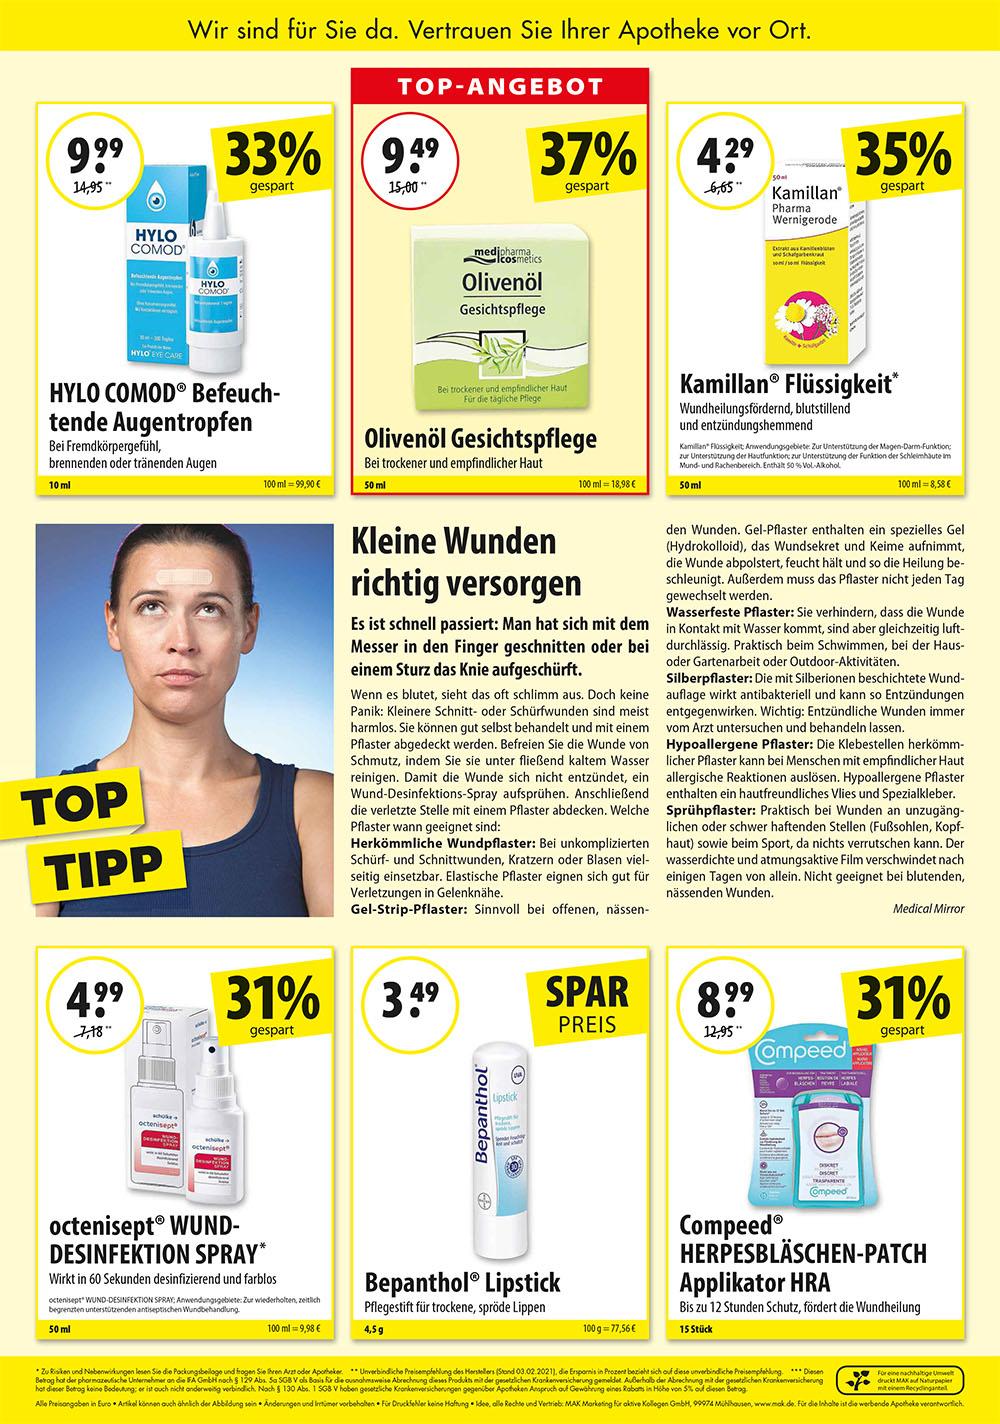 https://www-apotheken-de.apocdn.net/fileadmin/clubarea/00000-Angebote/49733_emmelner_angebot_2.jpg